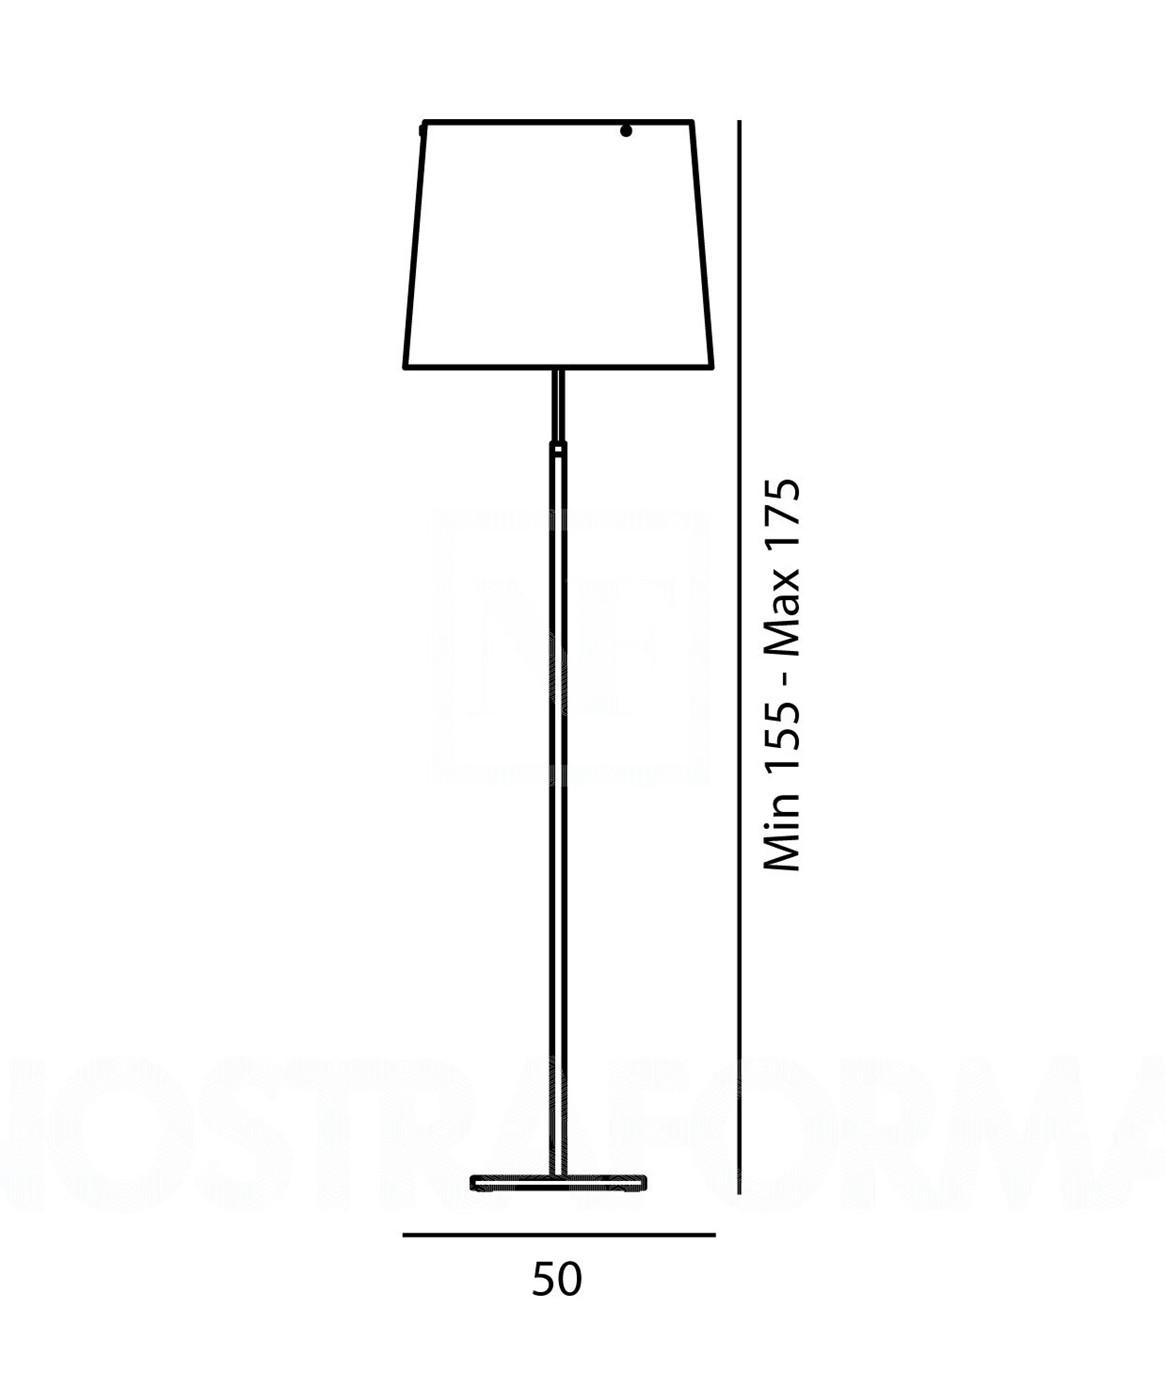 Giga-Lite Gulvlampe Sort - Foscarini